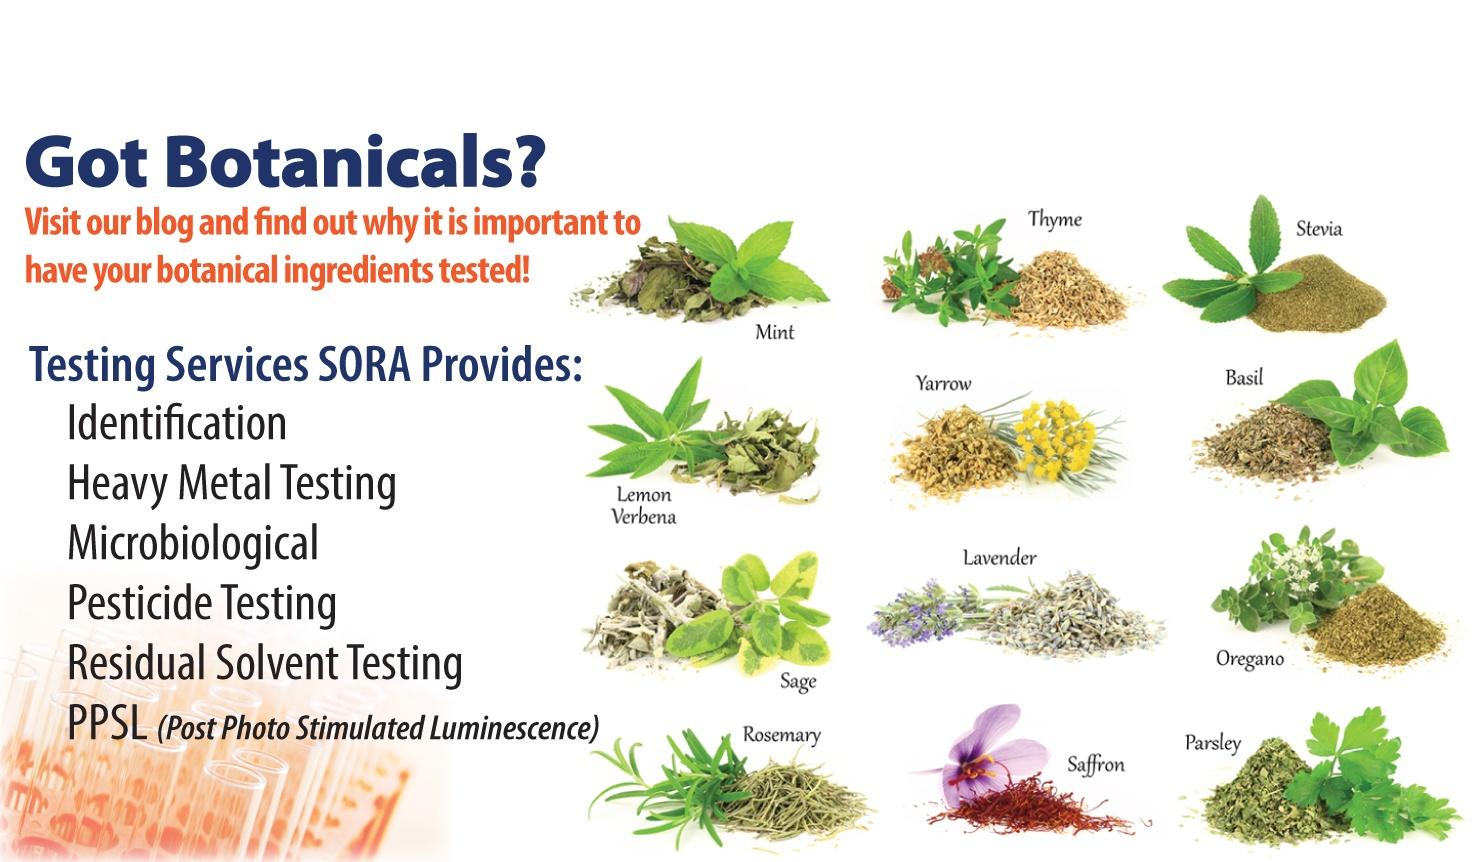 SORA-Botanical-2-2